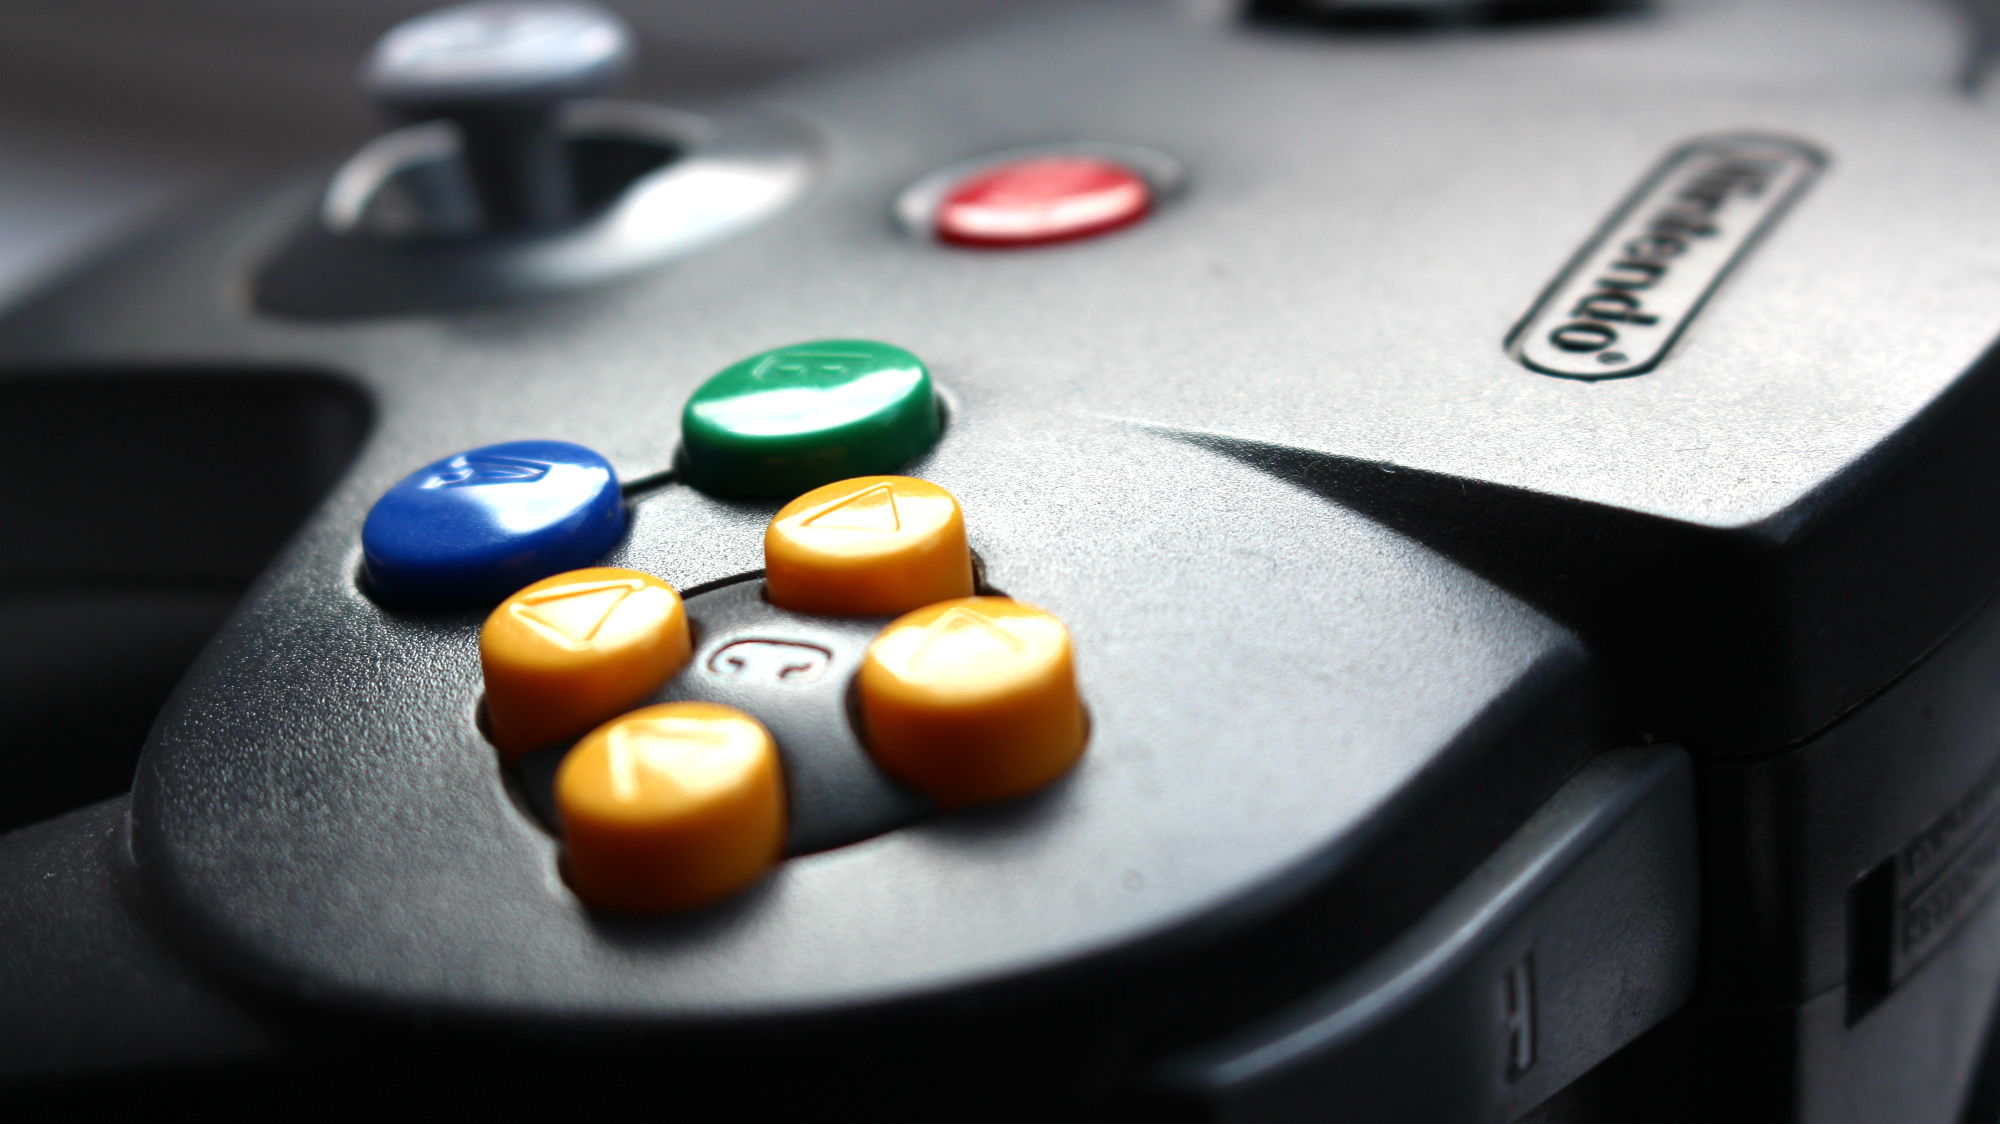 N64 Pad